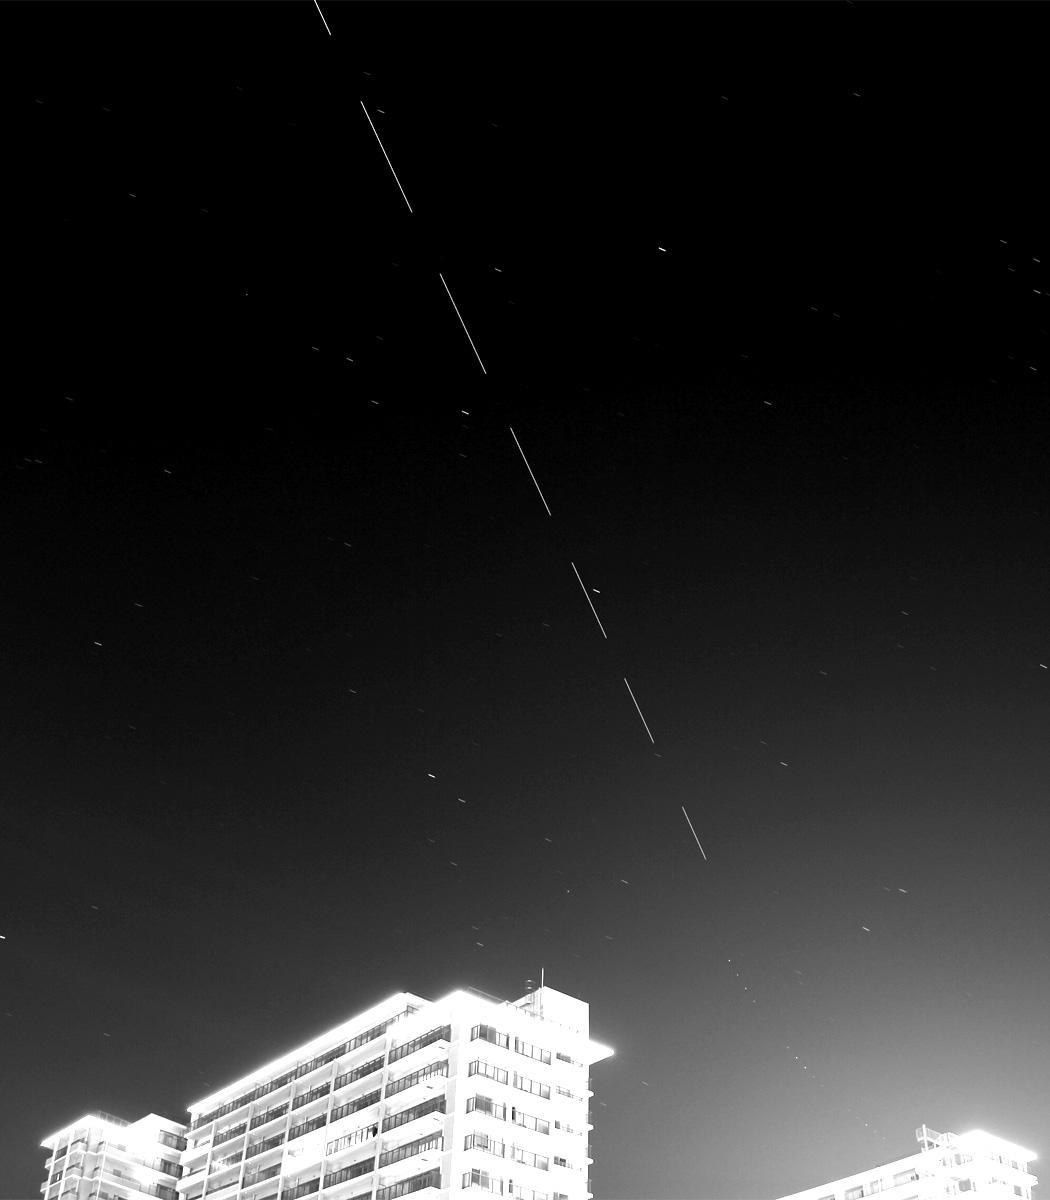 宇宙 ステーション 観測